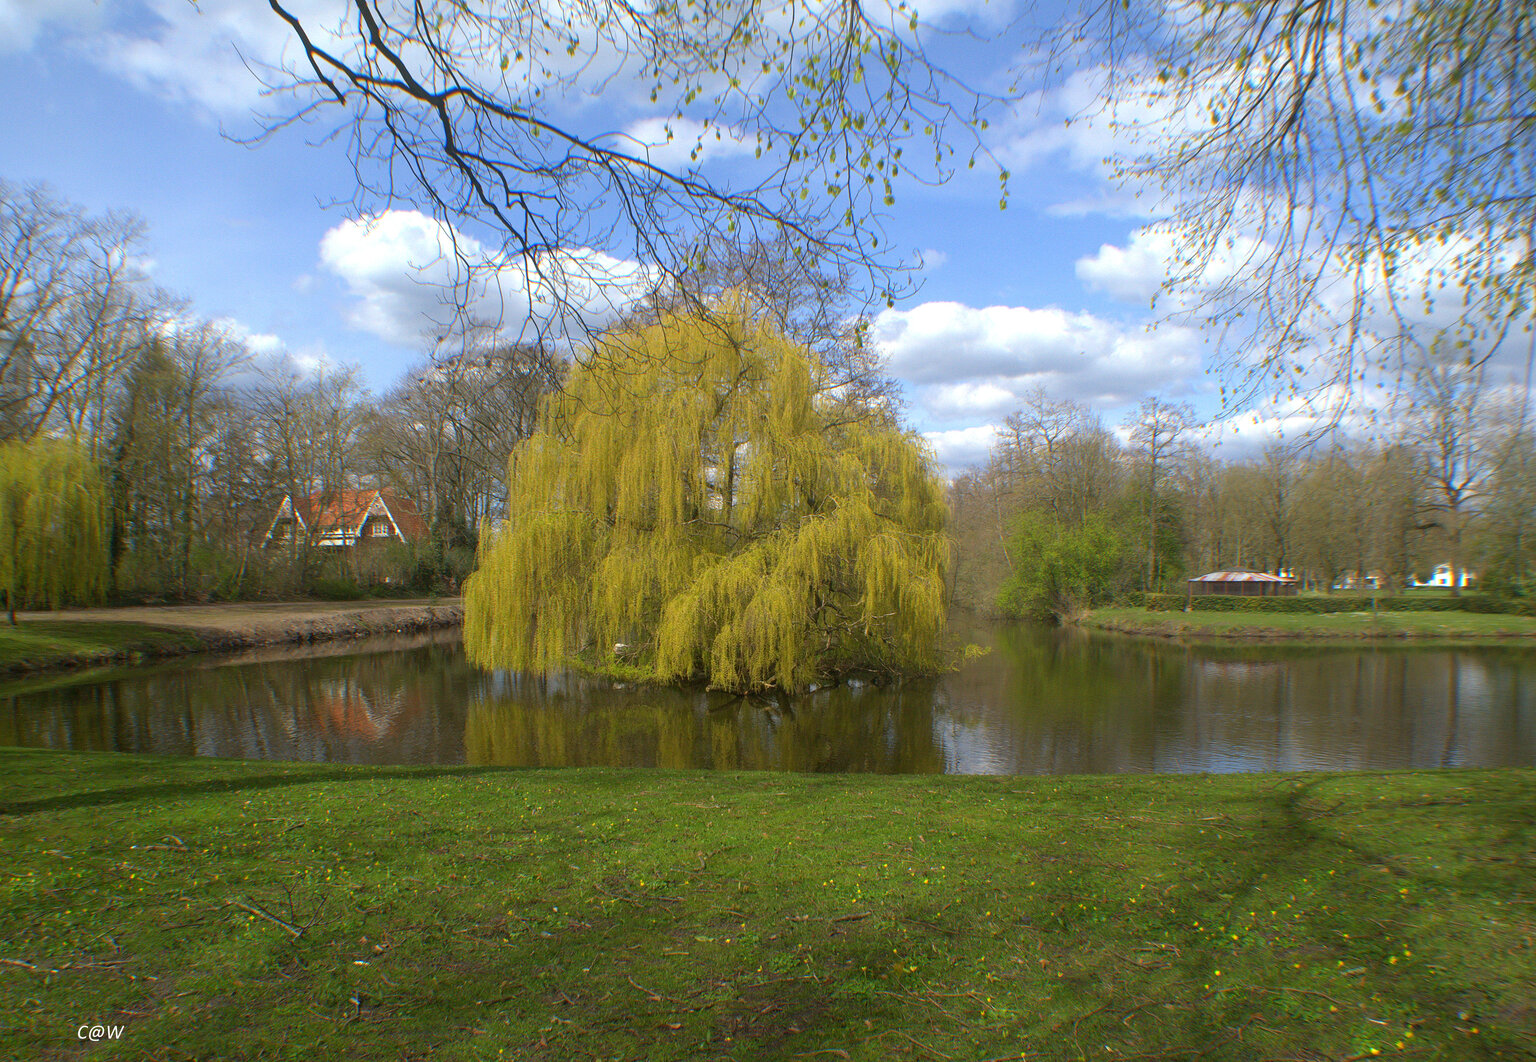 Het eilandje aan de zijkant gemaakt - Deze foto is gemaakt met een Groothoek lens.. - foto door Scooterlady op 15-04-2021 - deze foto bevat: water, eilandje, gras, bosje, wolk, water, fabriek, lucht, afdeling, natuurlijk landschap, meer, boom, lacustrine vlakte, bank